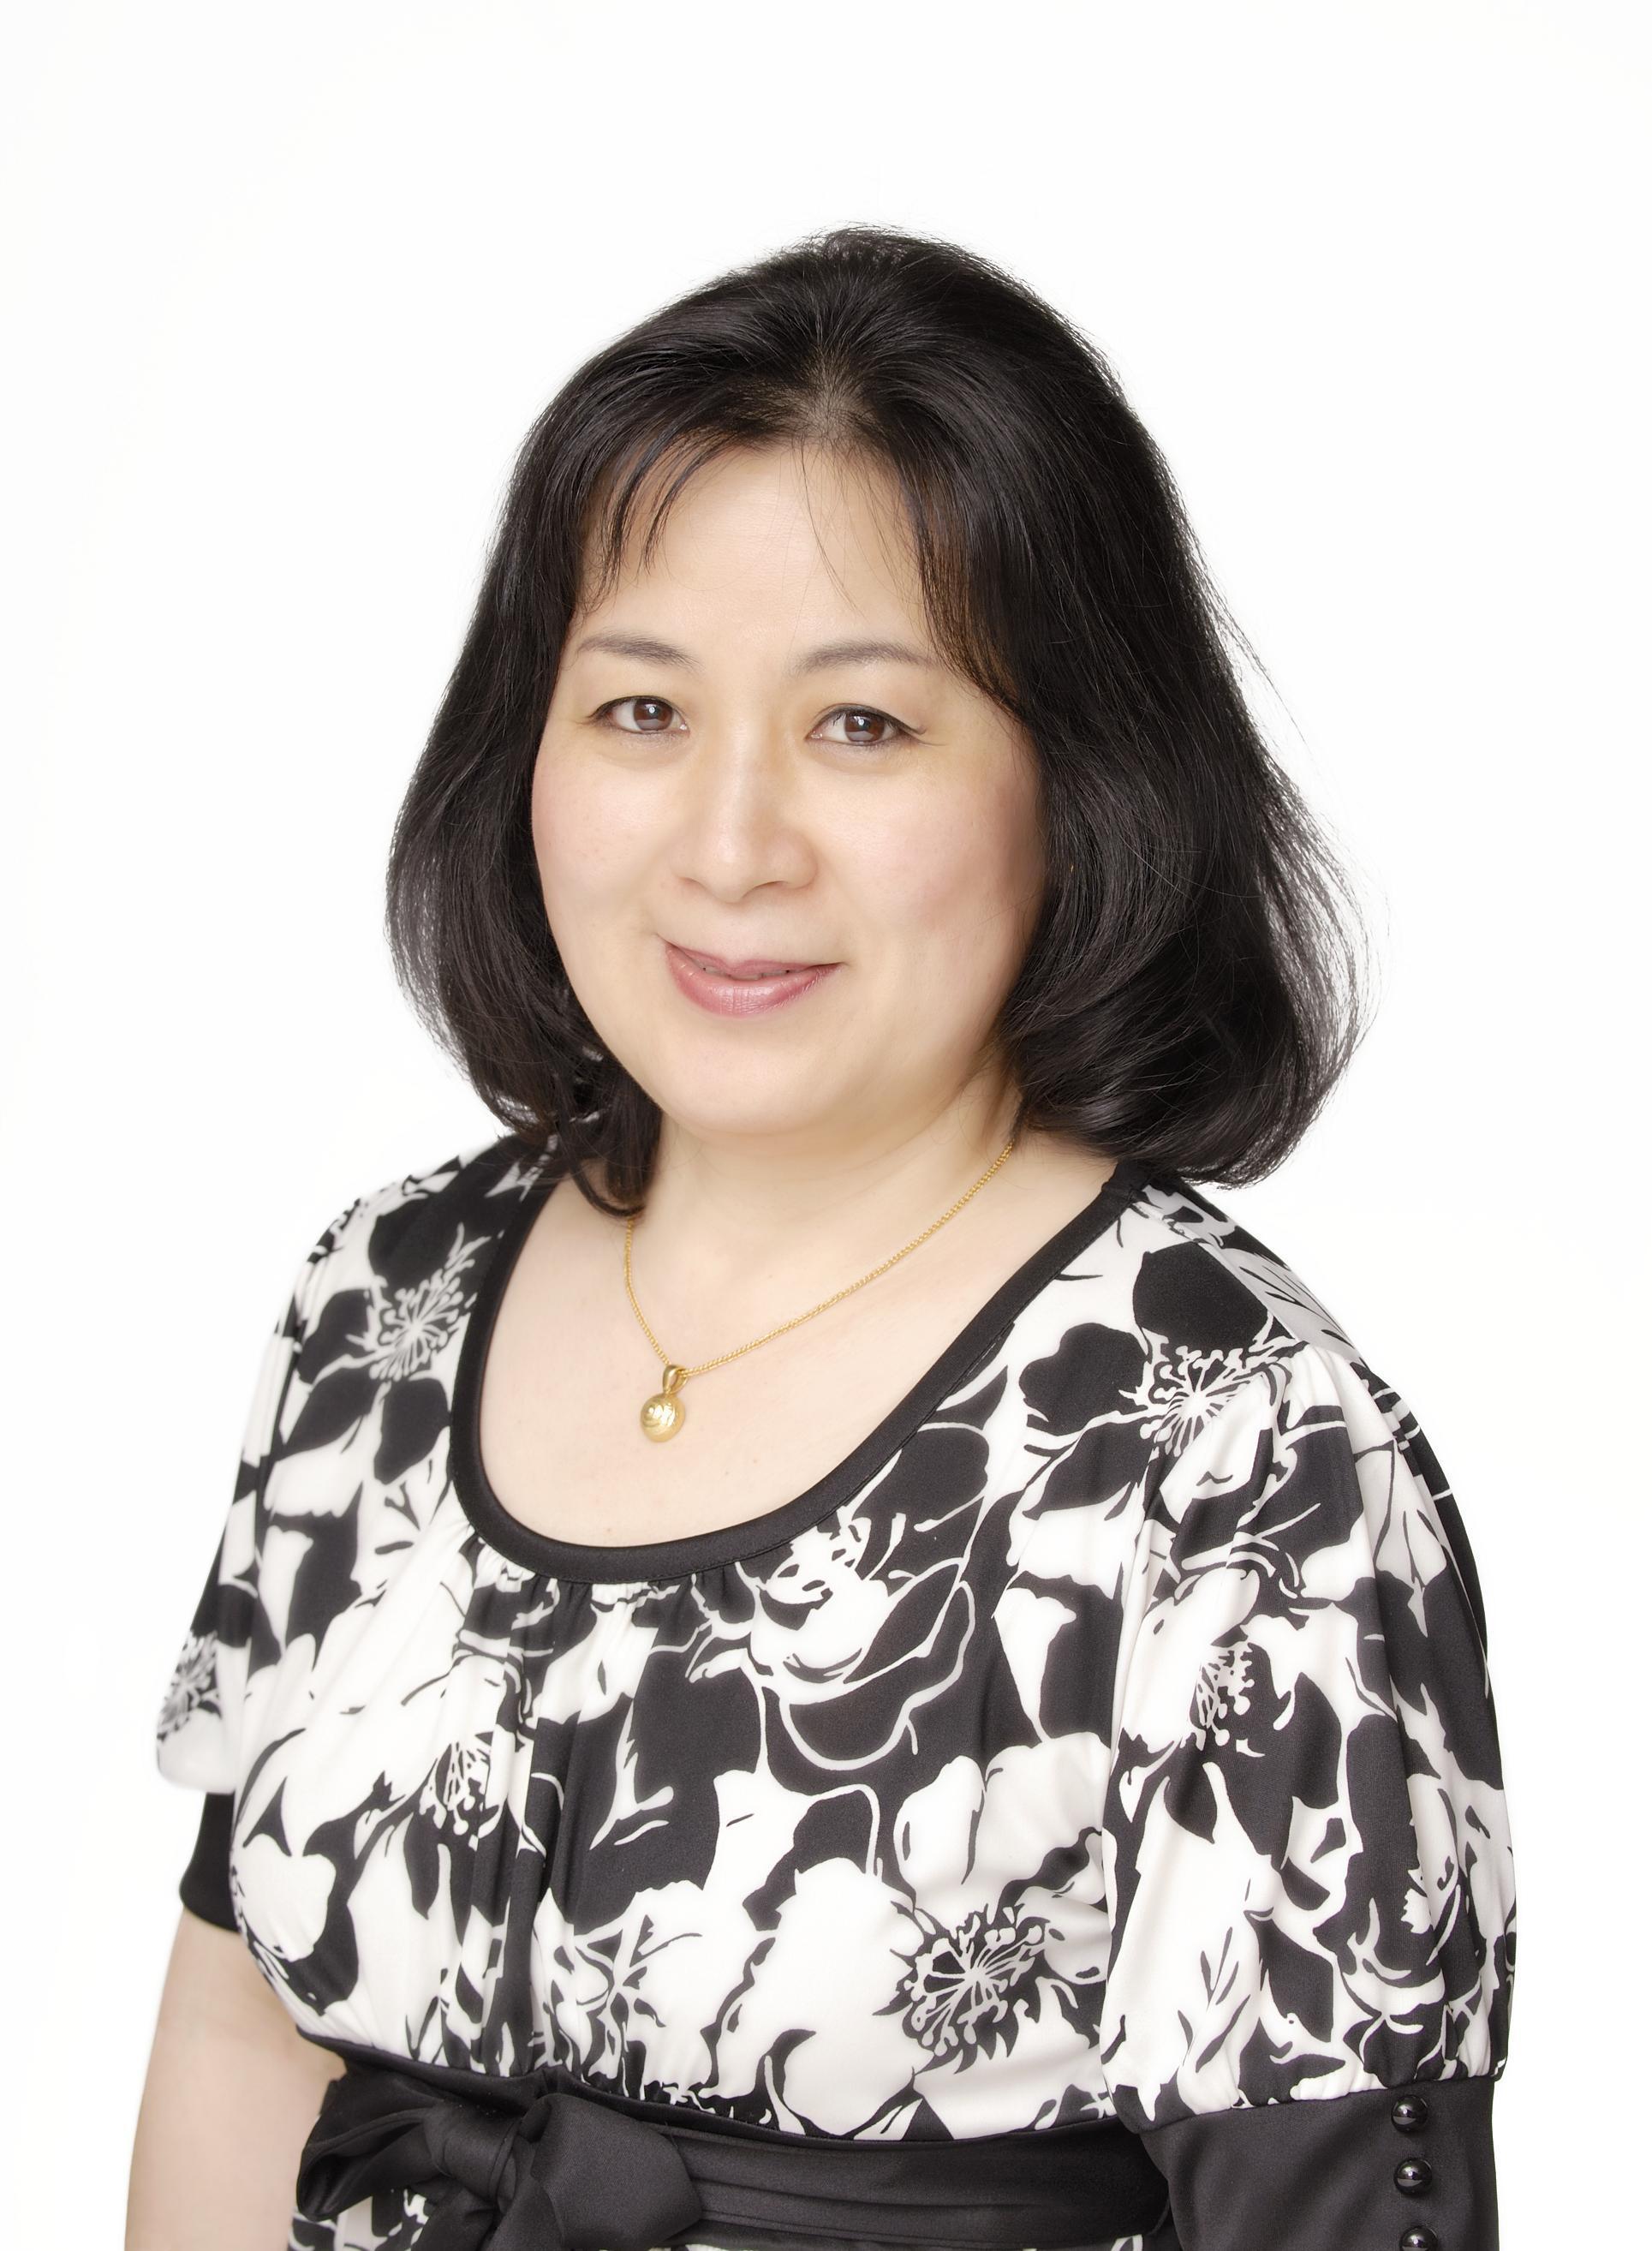 海老彰子 ピアノリサイタル